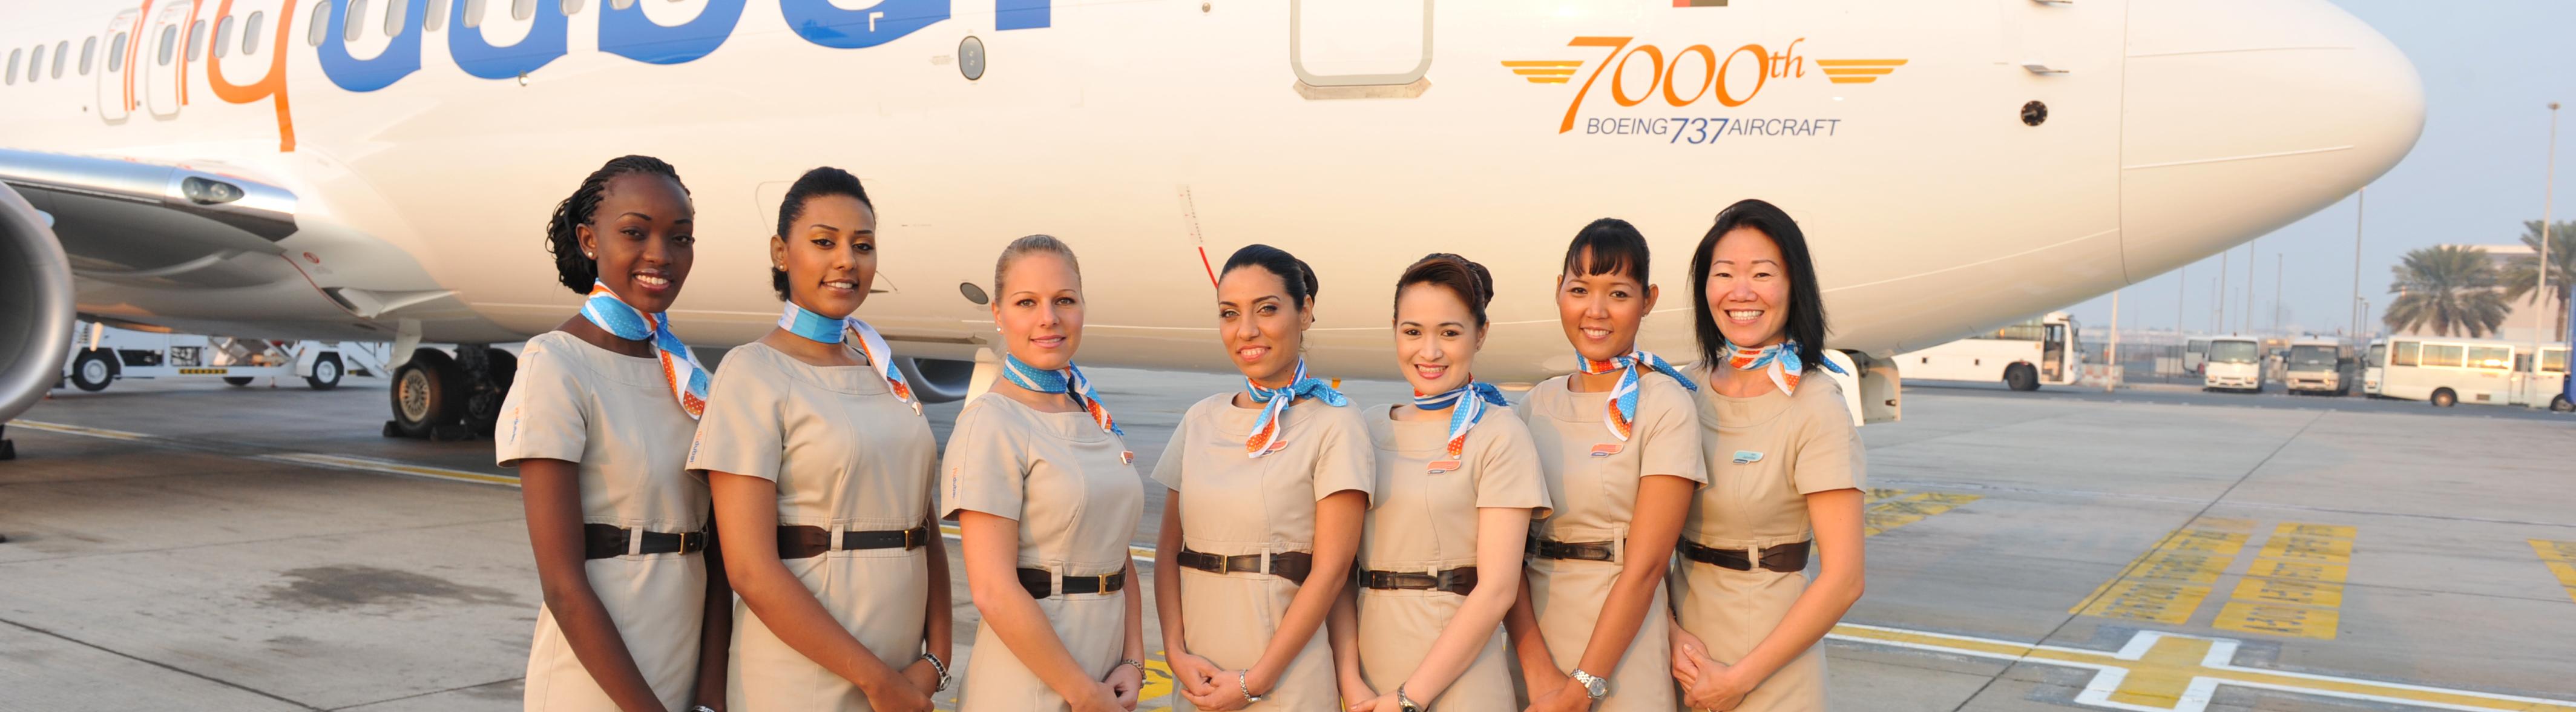 Letecká společnost Fly Dubai